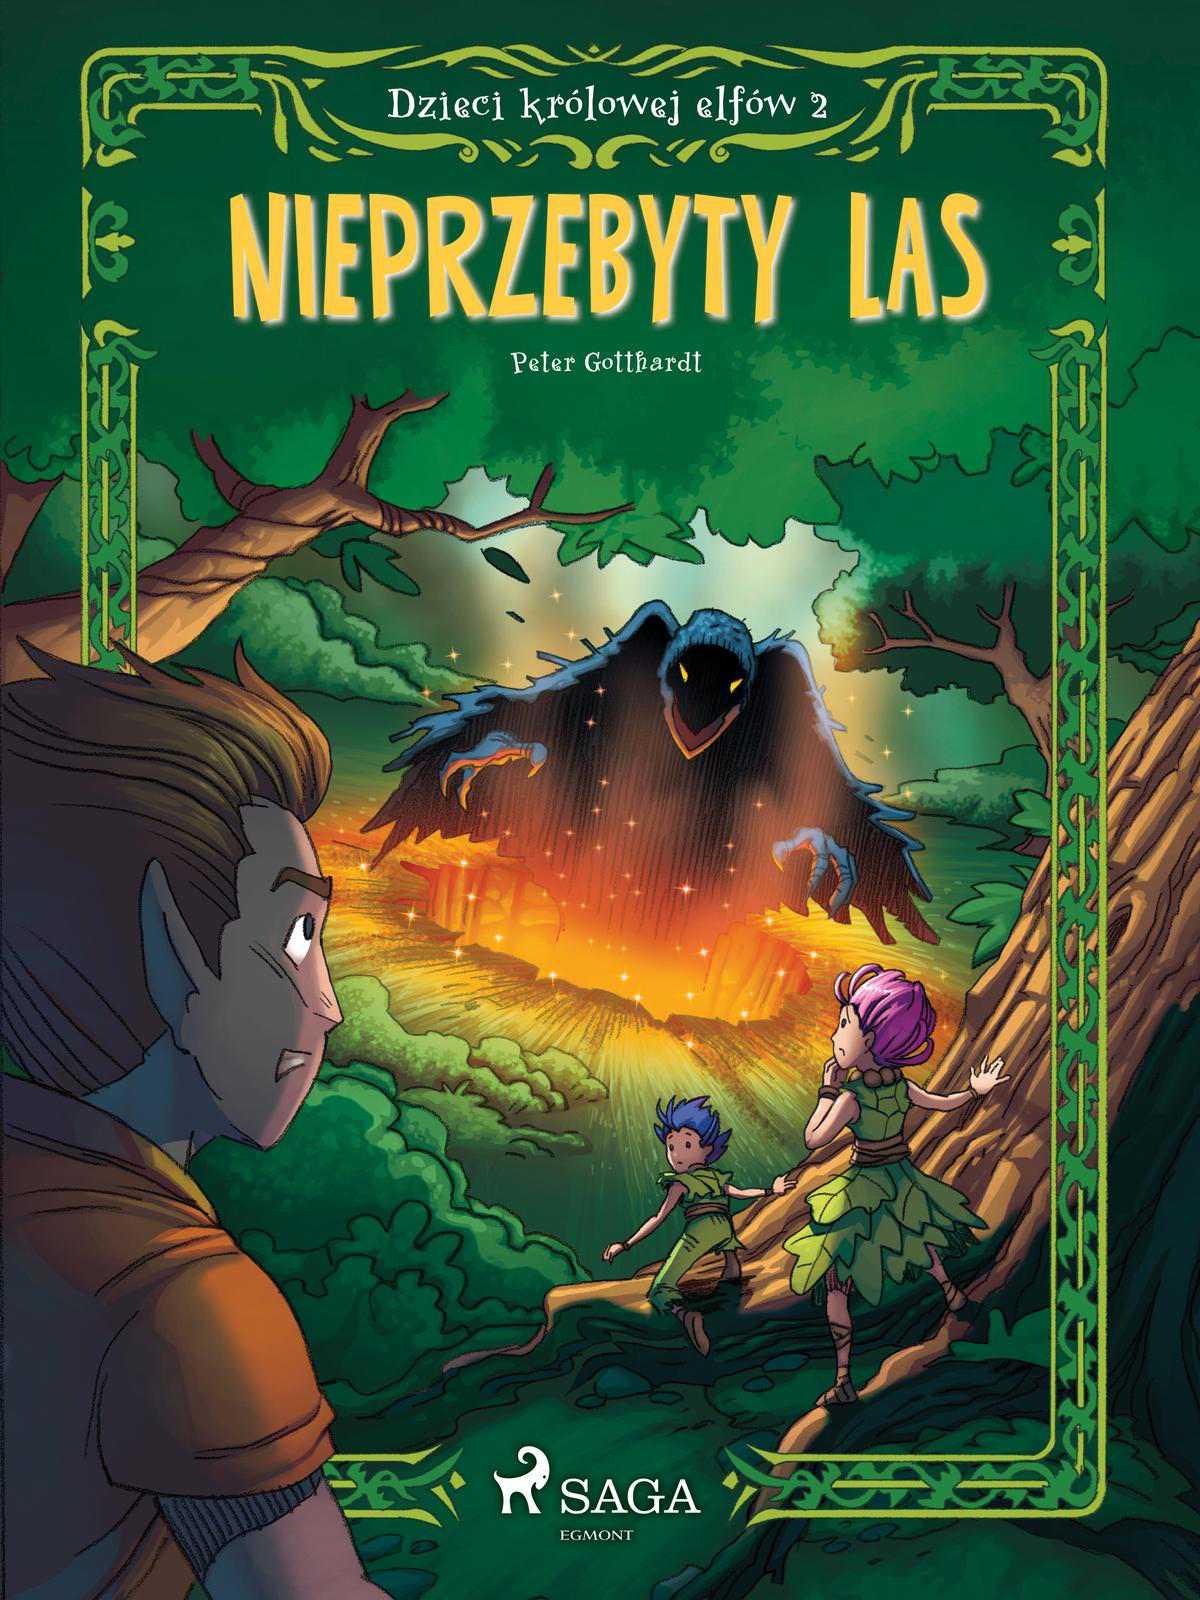 Dzieci królowej elfów 2 - Nieprzebyty las - Ebook (Książka na Kindle) do pobrania w formacie MOBI